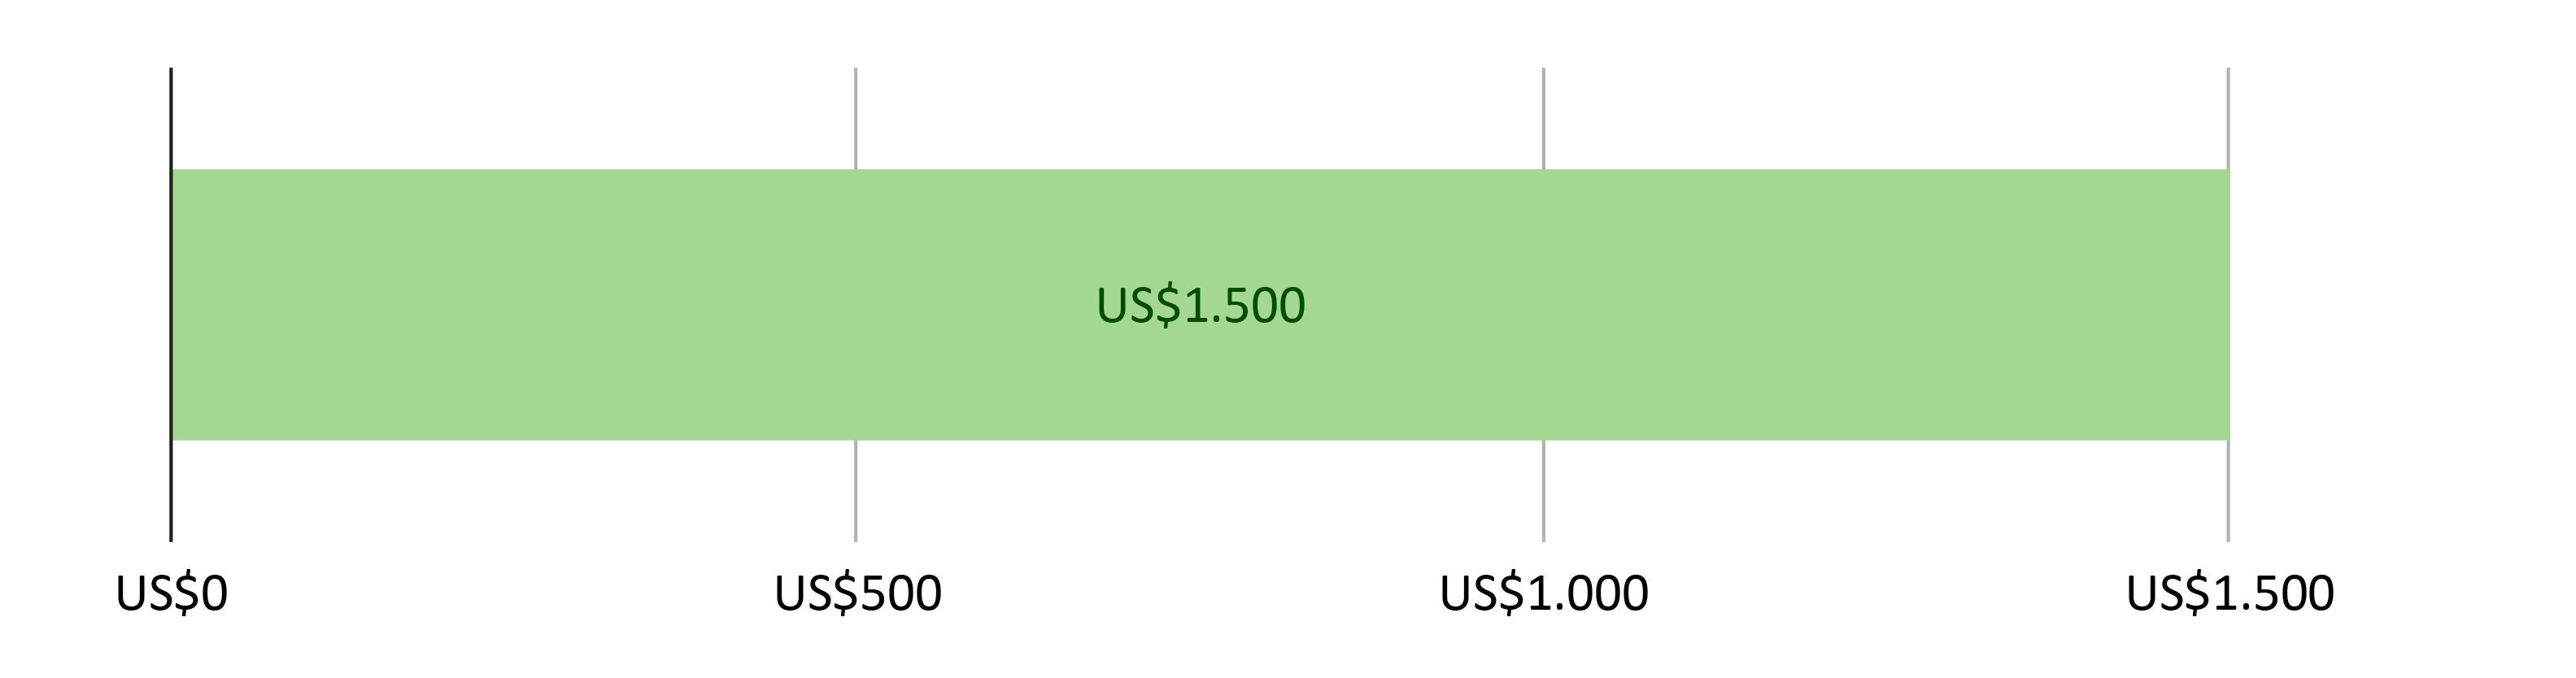 Menggunakan US$0; tersisa US$1,500.00